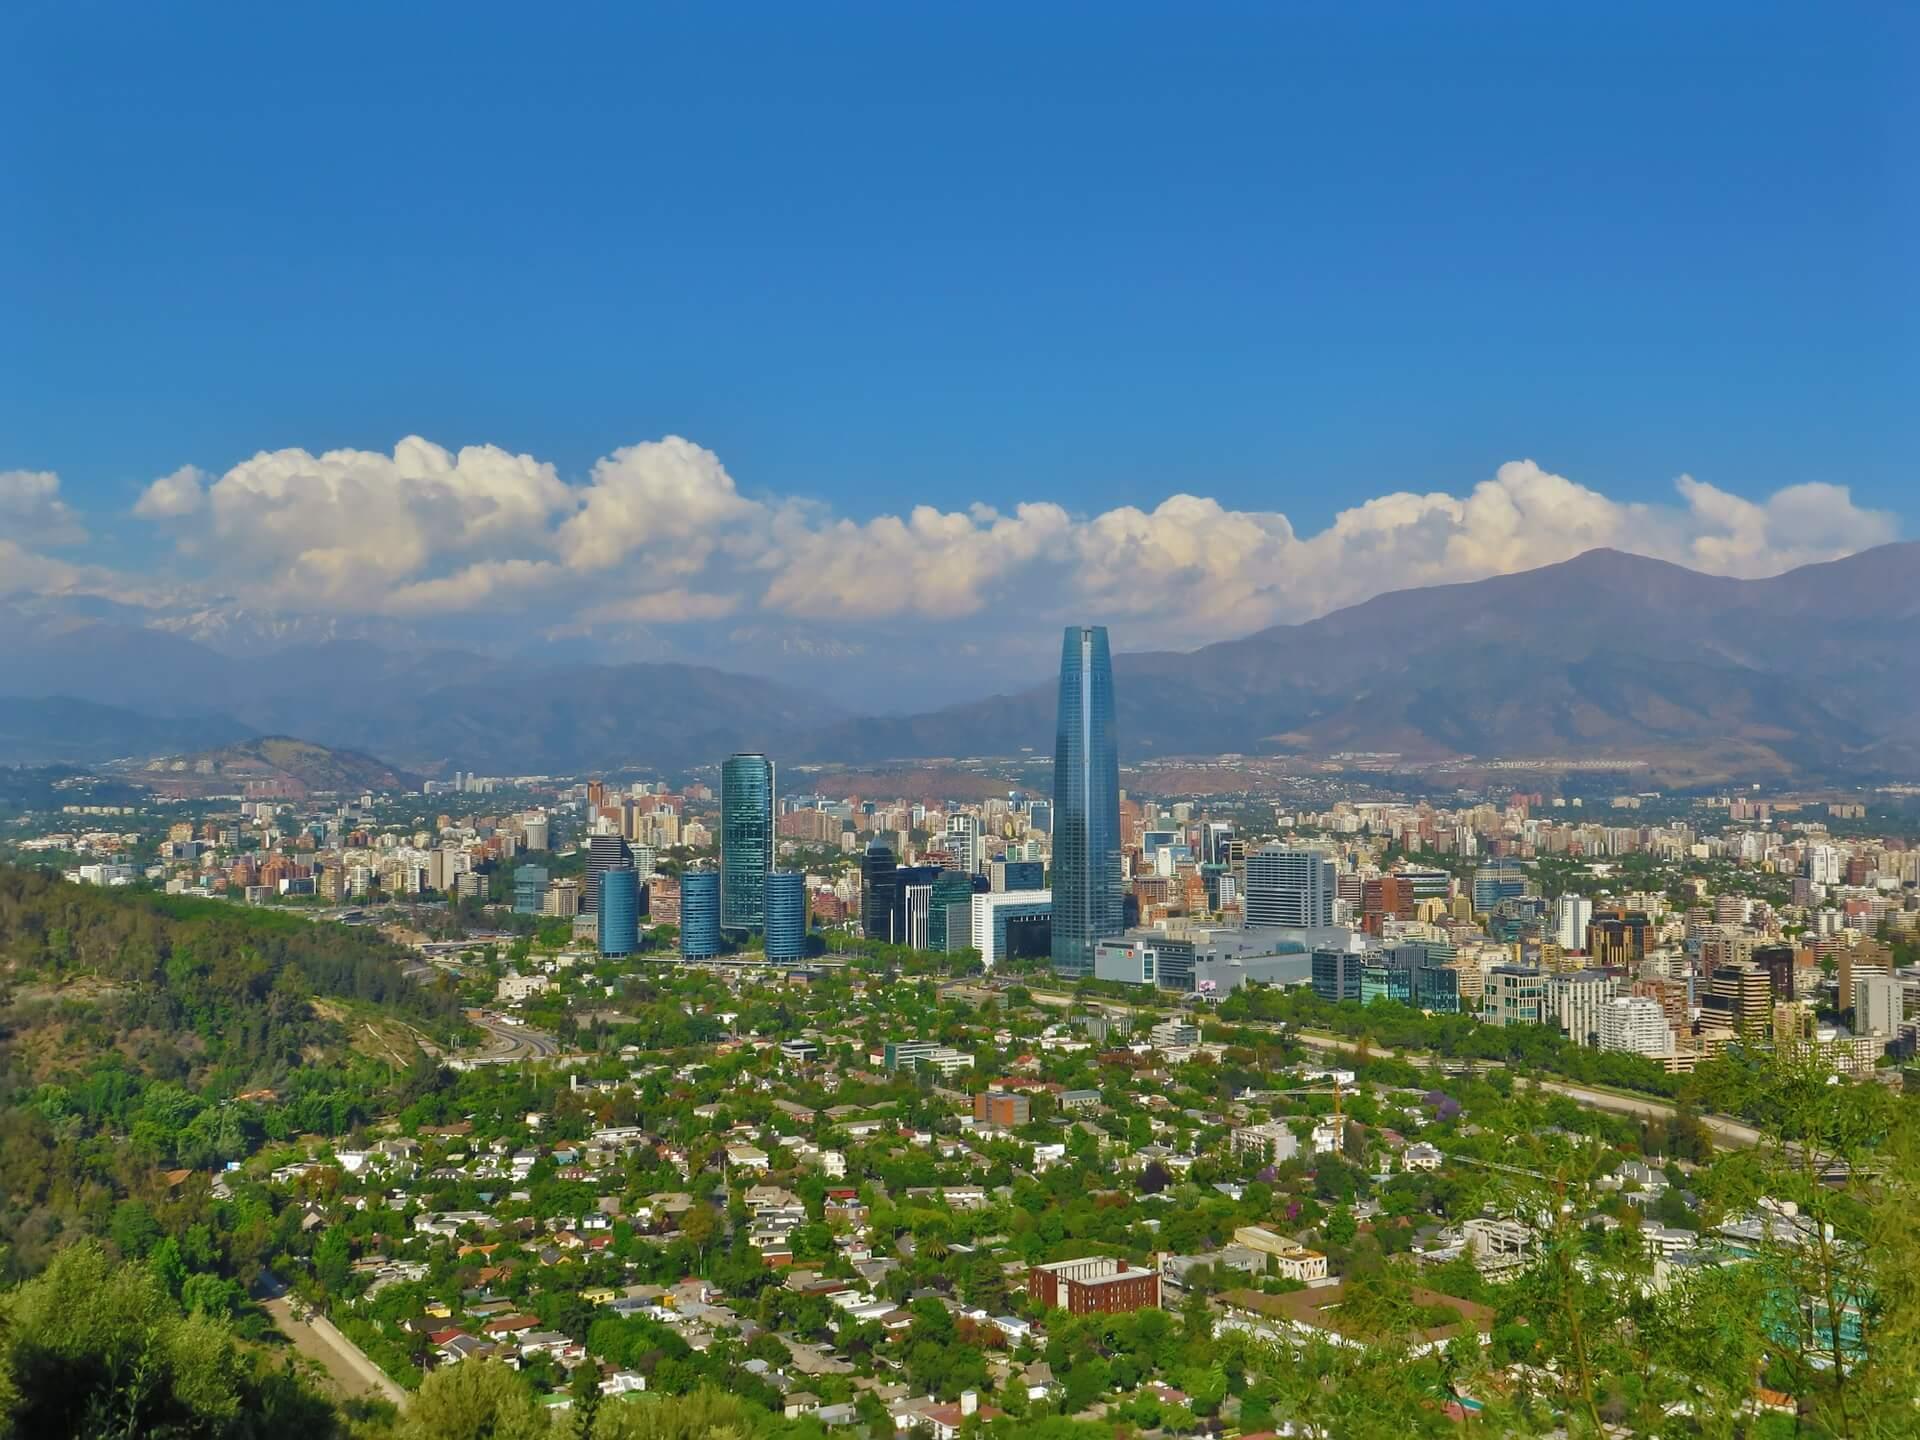 Direktflüge und Billigflüge nach Santiago de Chile